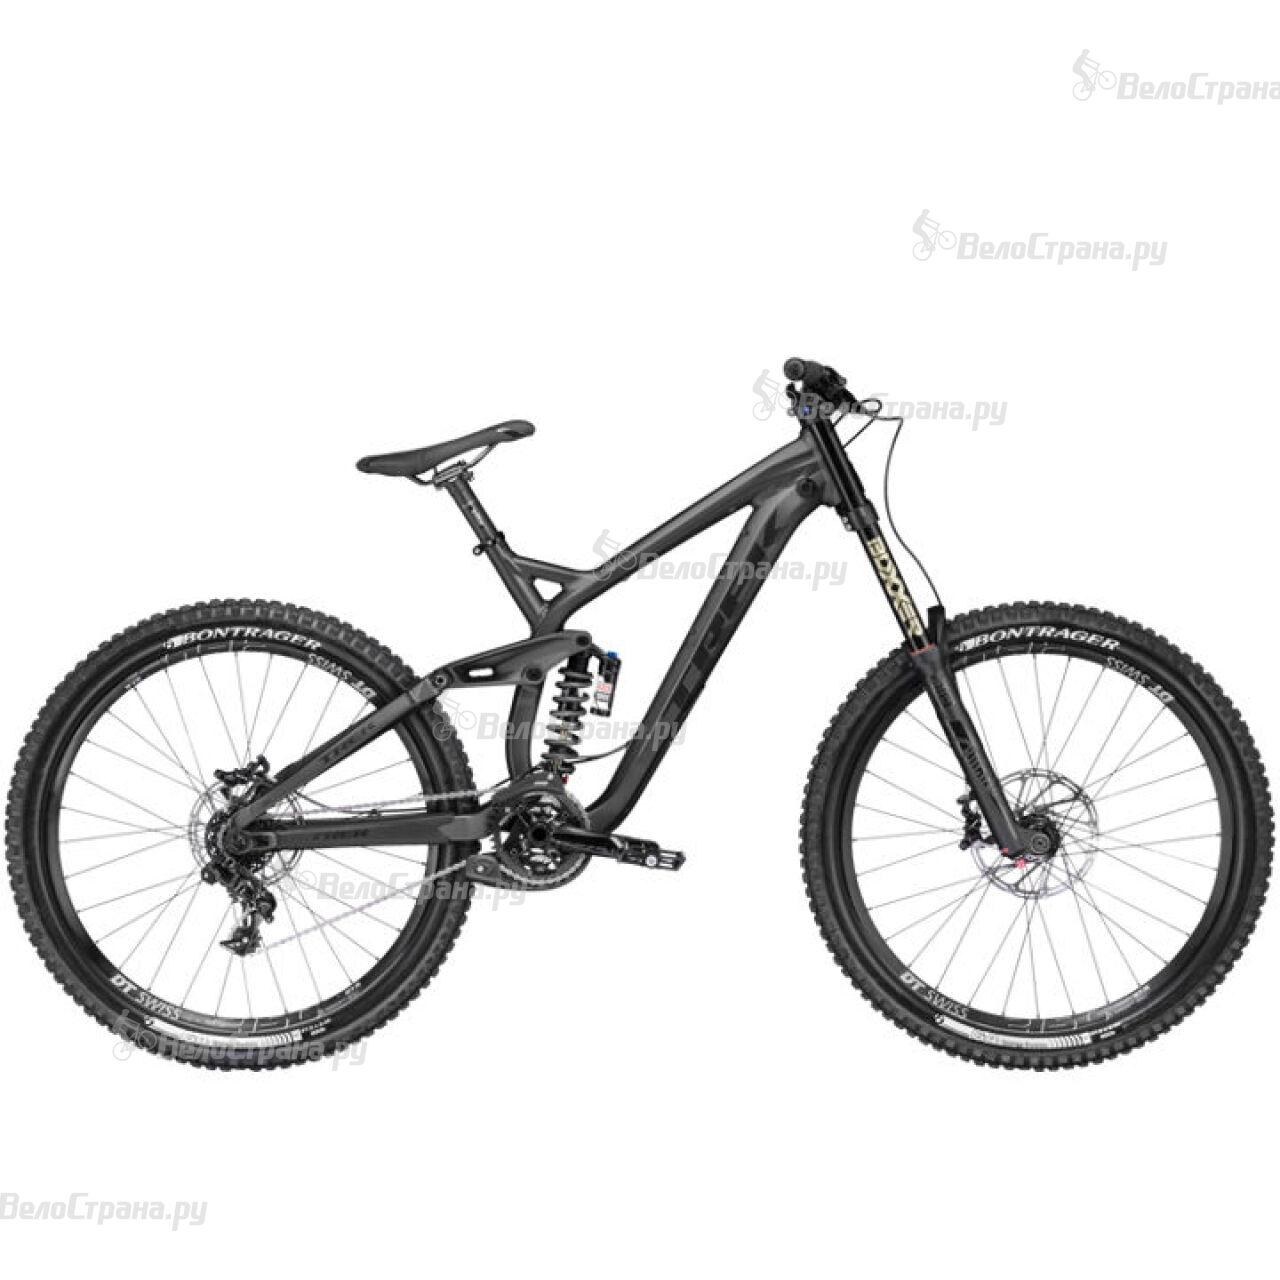 Велосипед Trek Session 8 27.5 (2017) вилка rockshox boxxer rc дешево с рук